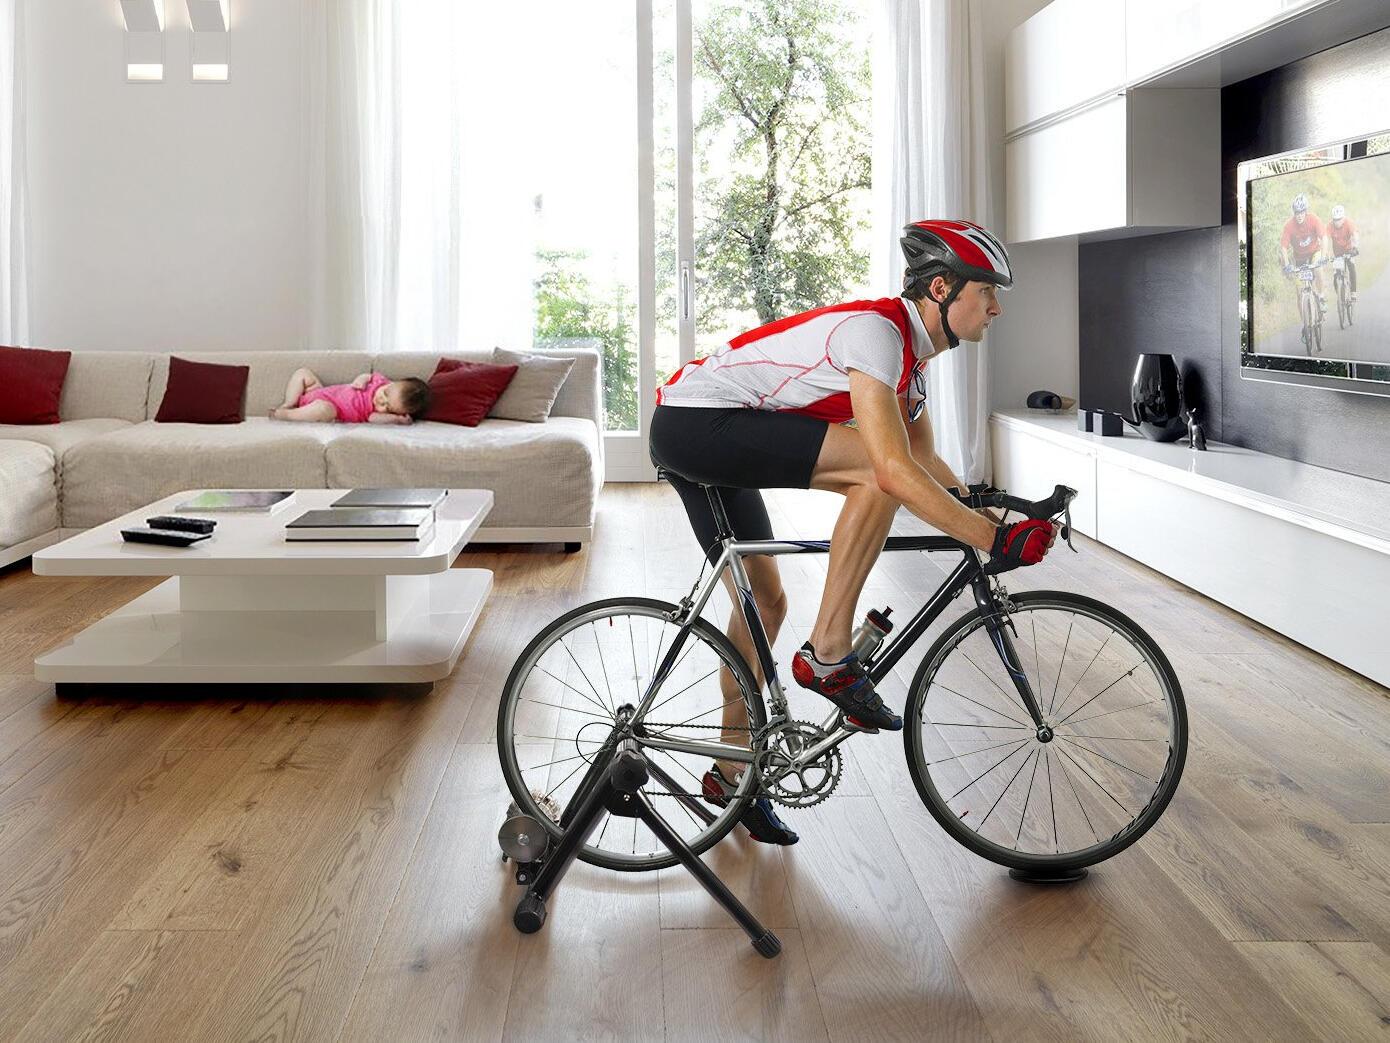 bike-trainer.jpg